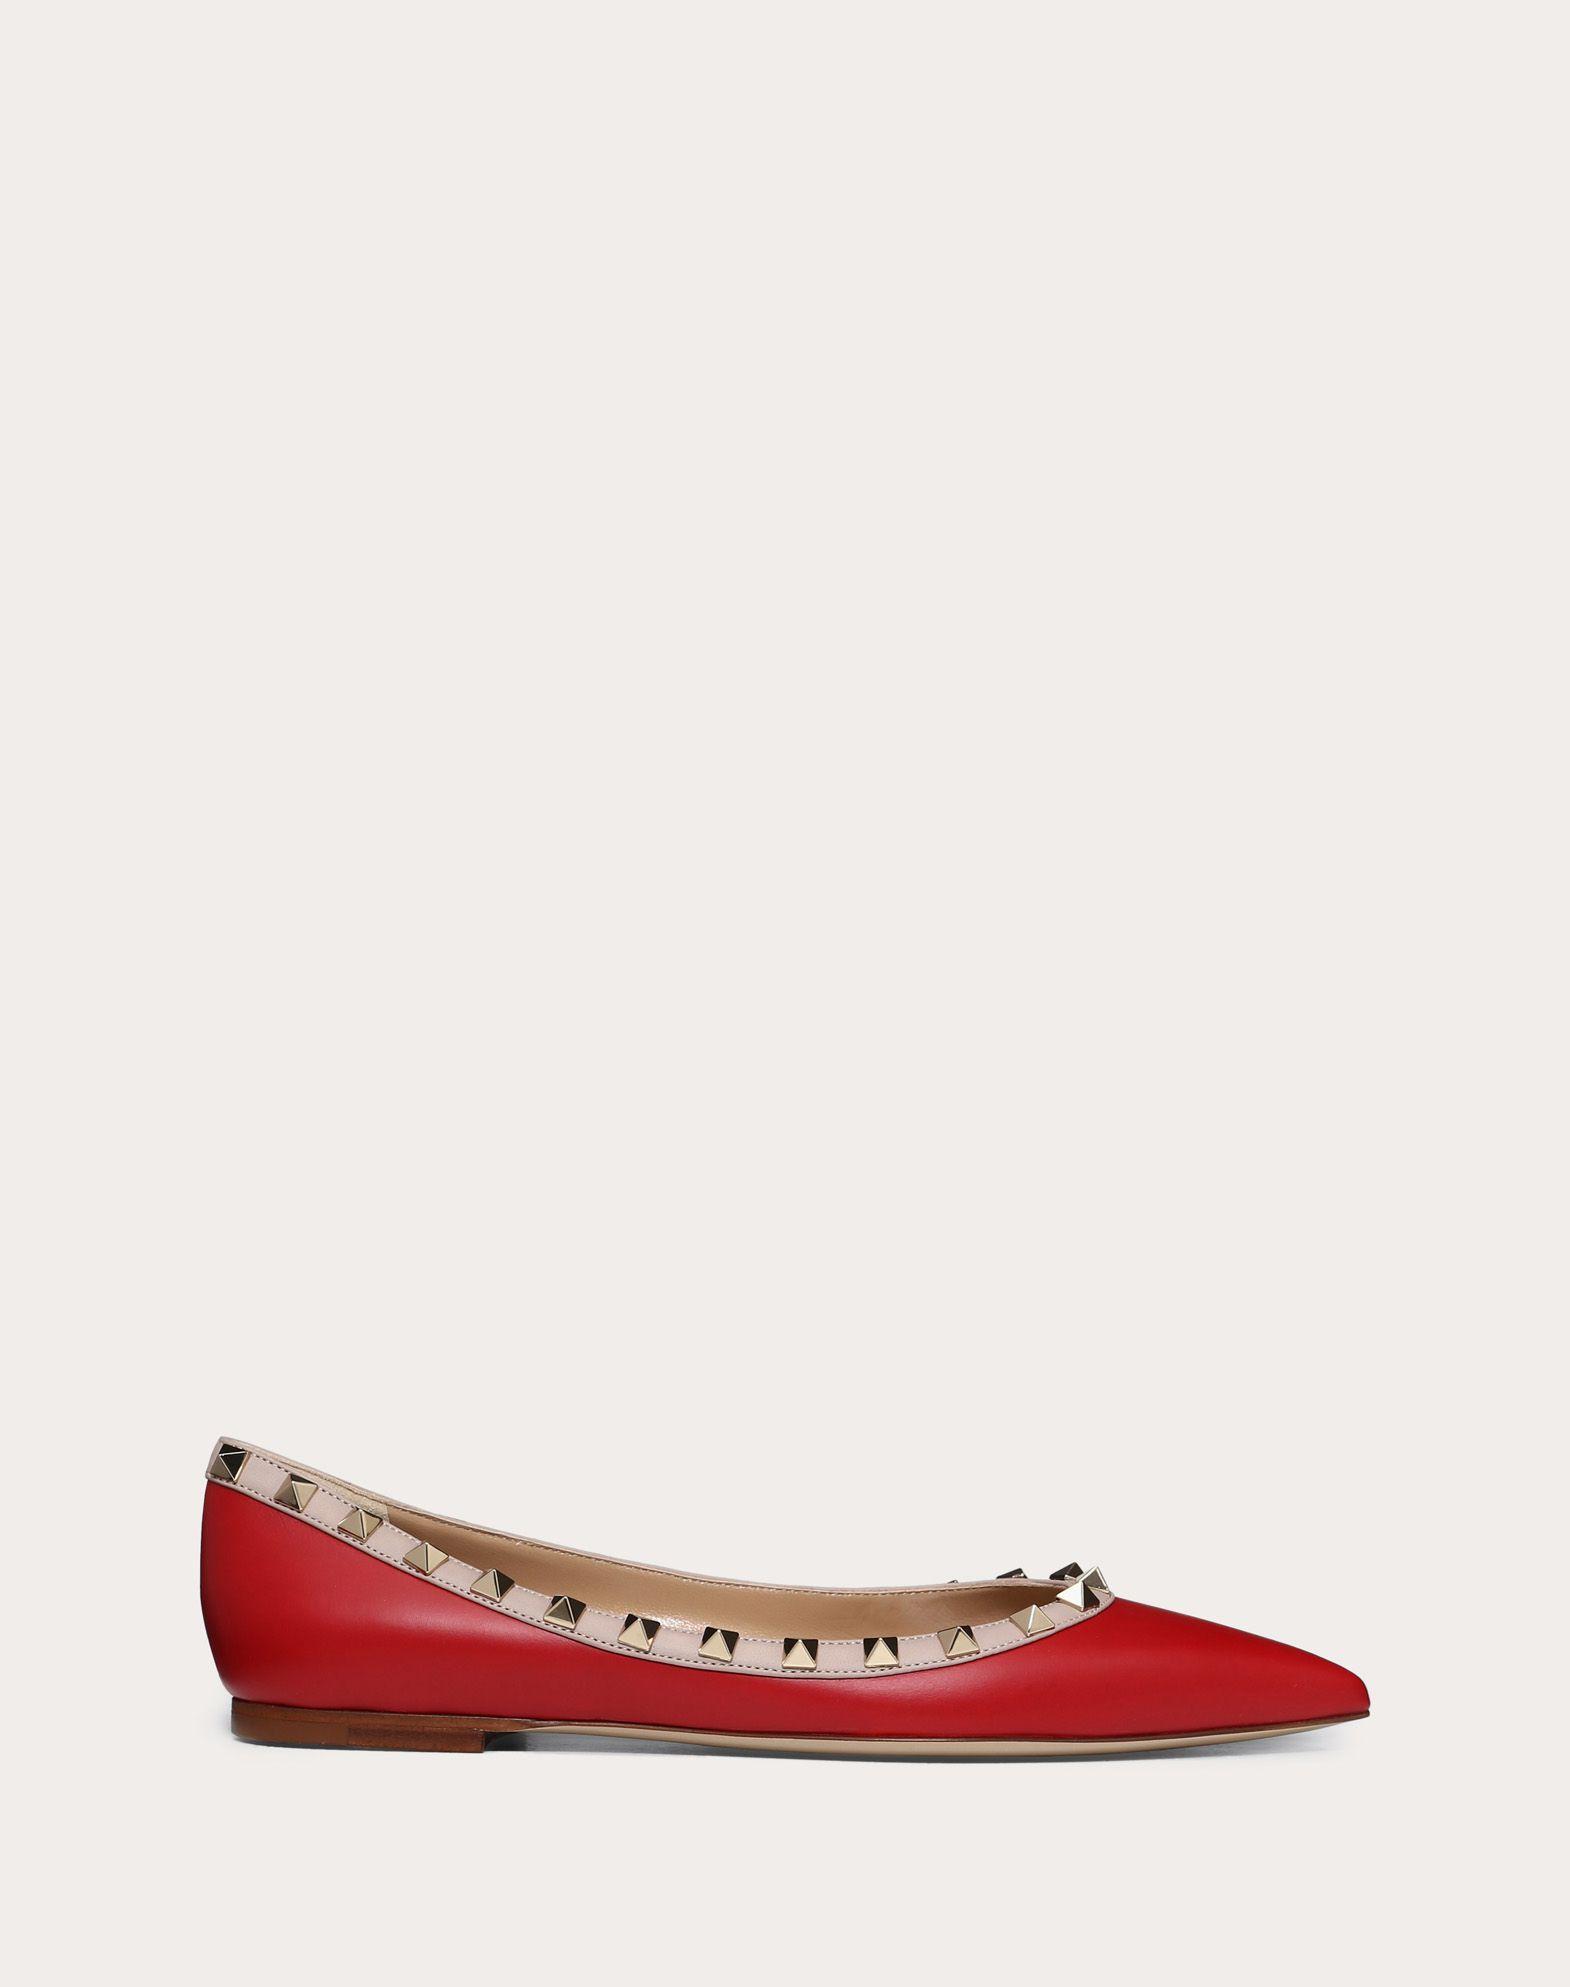 Rockstud Calfskin Leather Ballet Flat